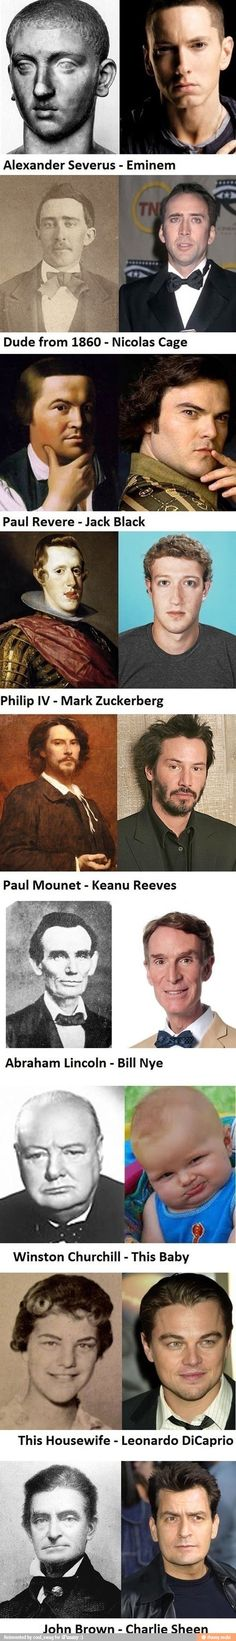 Celeb look alikes